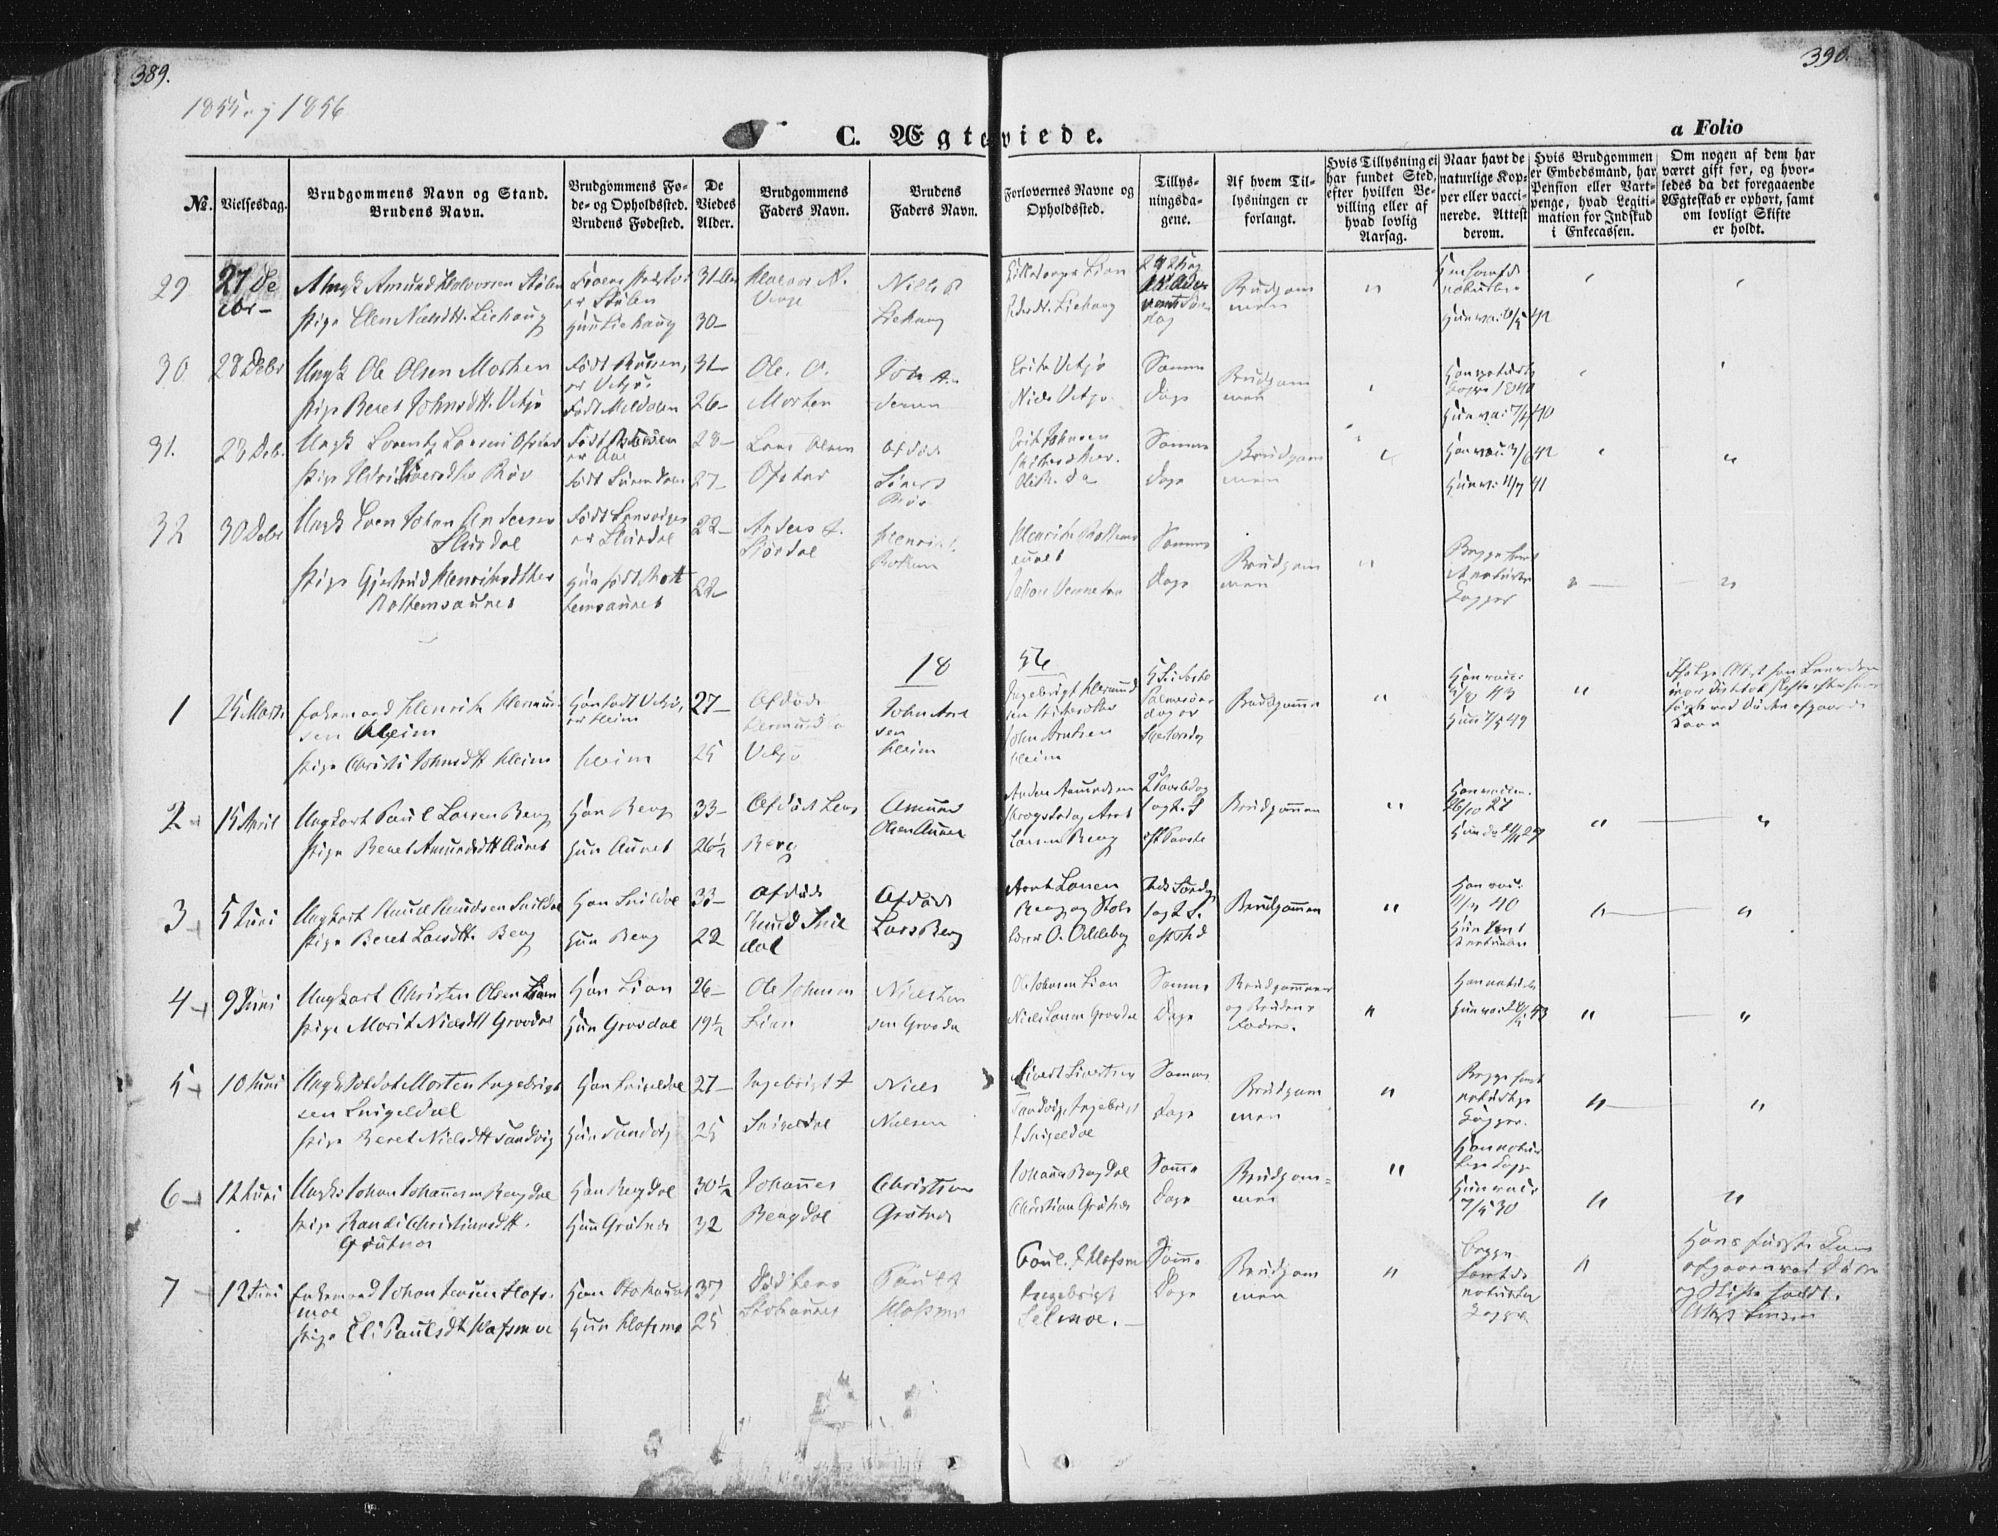 SAT, Ministerialprotokoller, klokkerbøker og fødselsregistre - Sør-Trøndelag, 630/L0494: Ministerialbok nr. 630A07, 1852-1868, s. 389-390